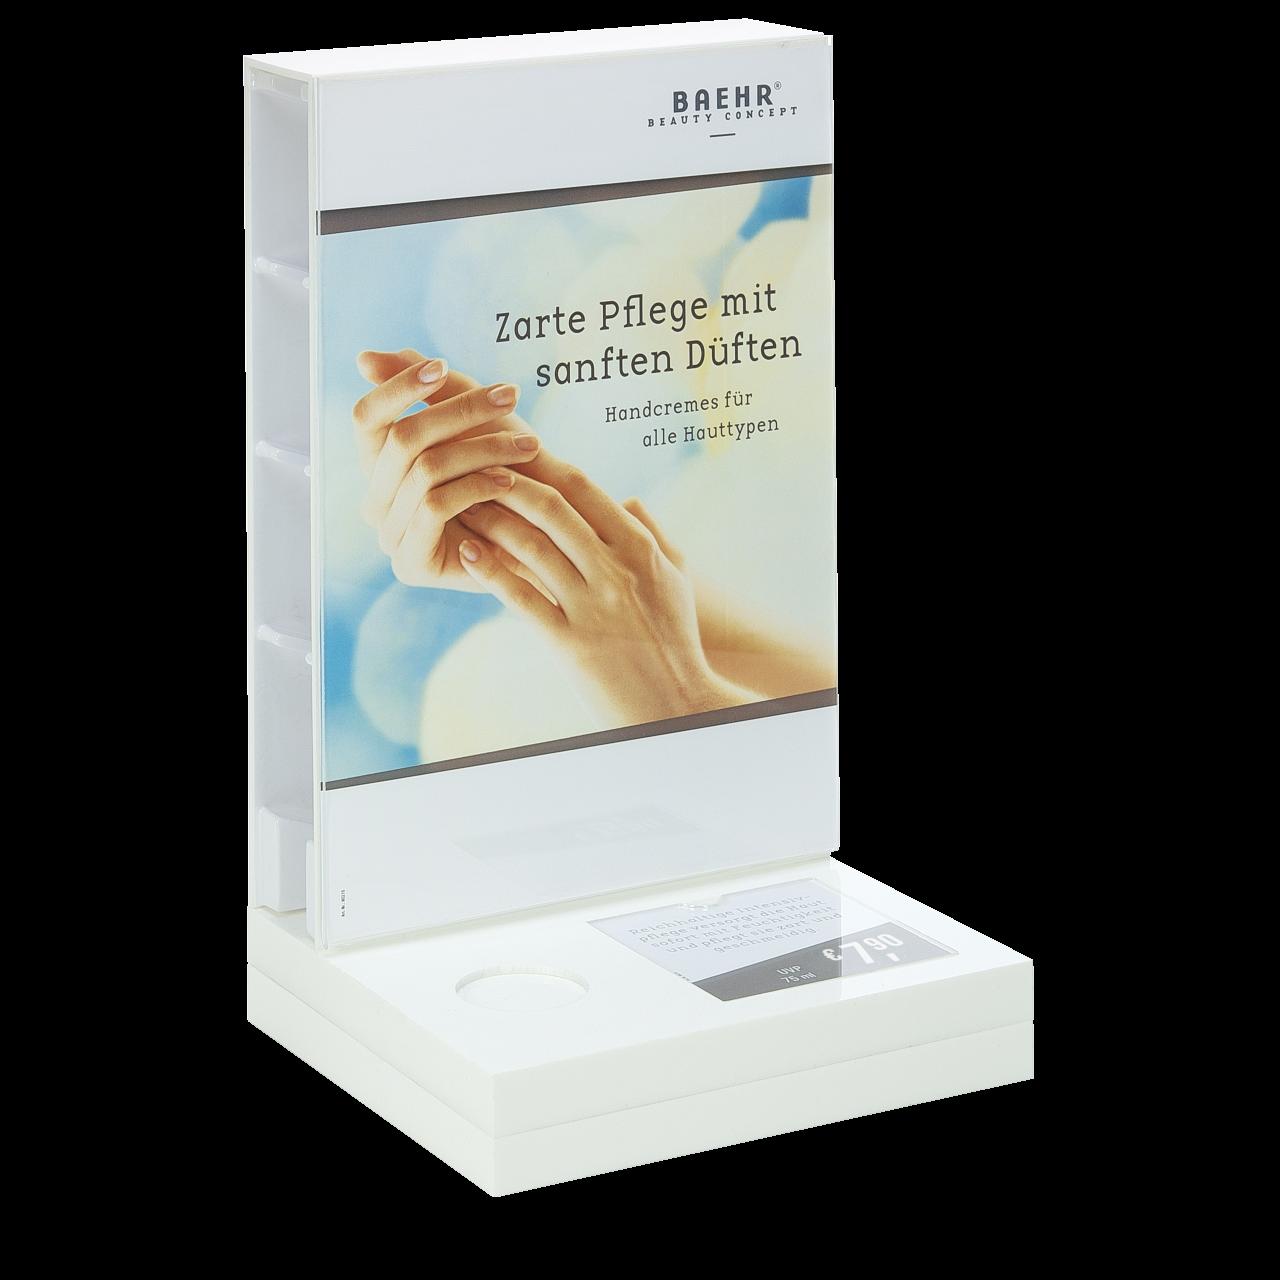 Display-Set für Handcremes, unbestückt